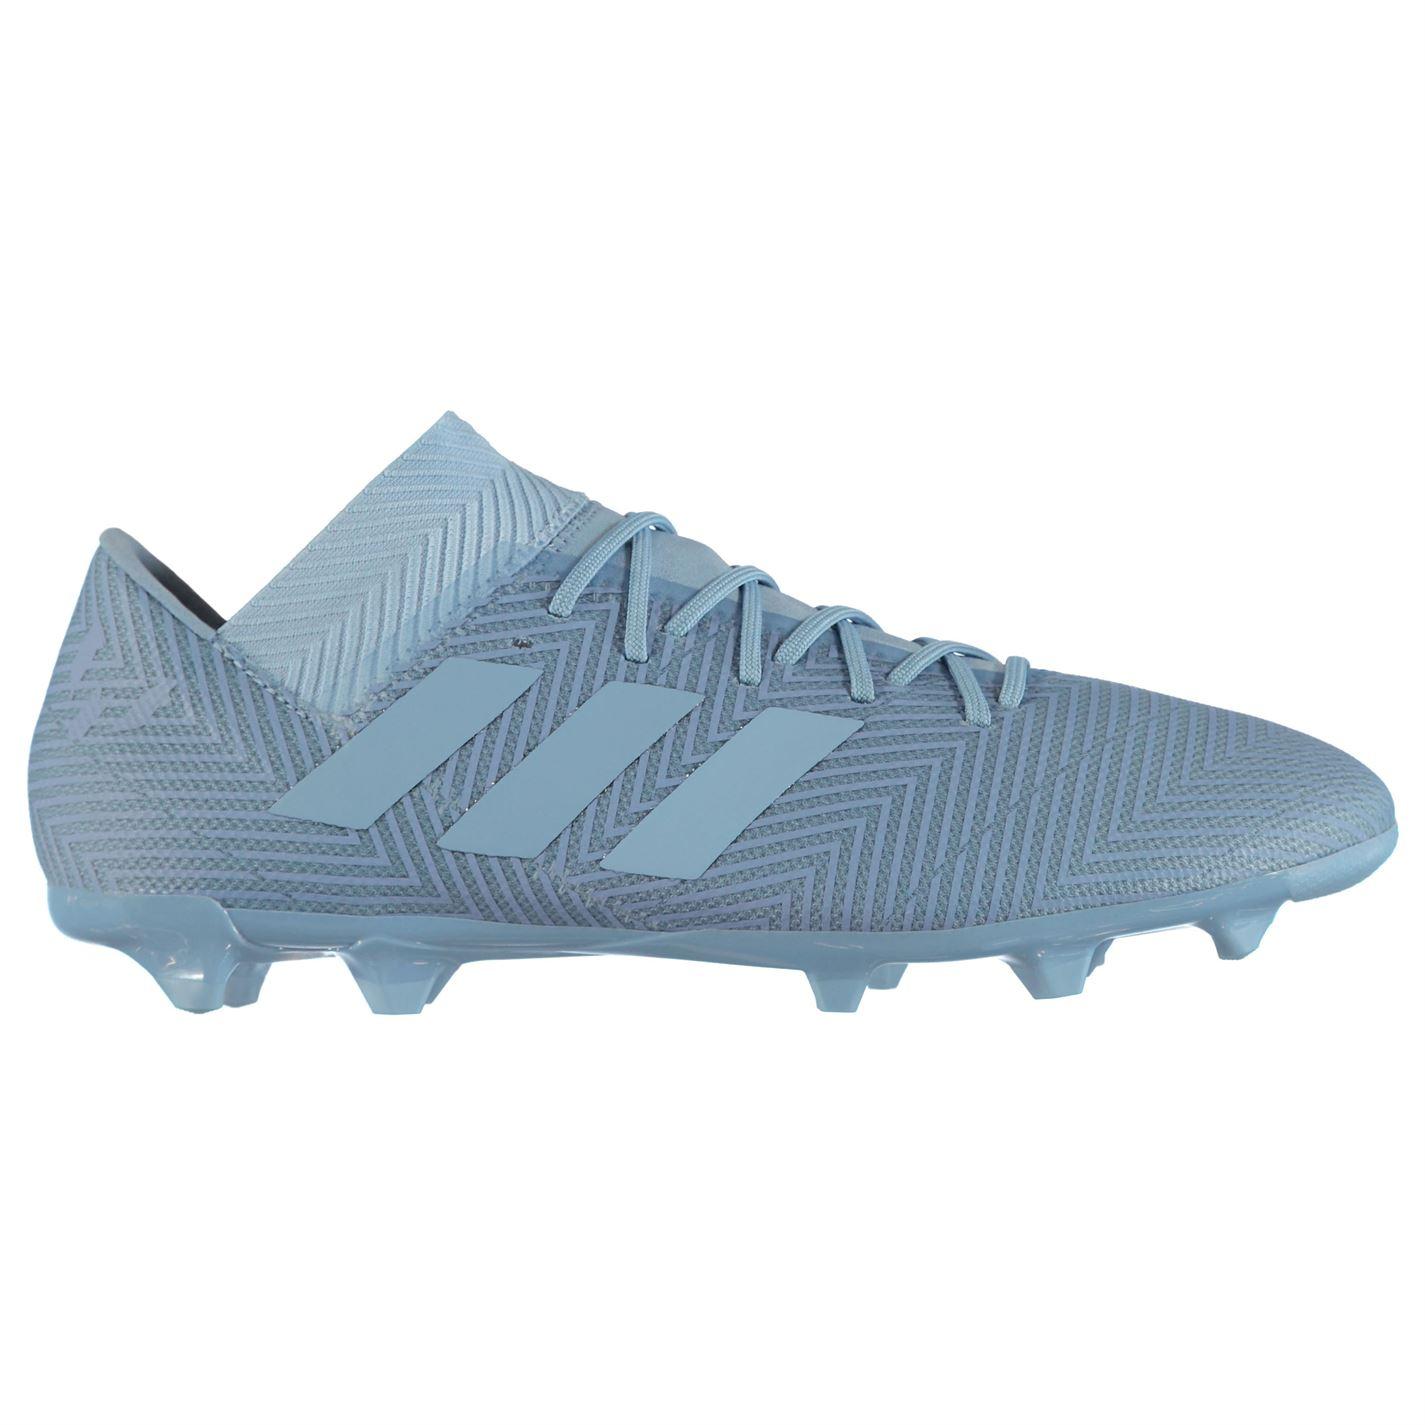 b8c80116d9c7 adidas Mens Nemeziz Messi 18.3 FG Football Boots Firm Ground Lace Up  Lightweight